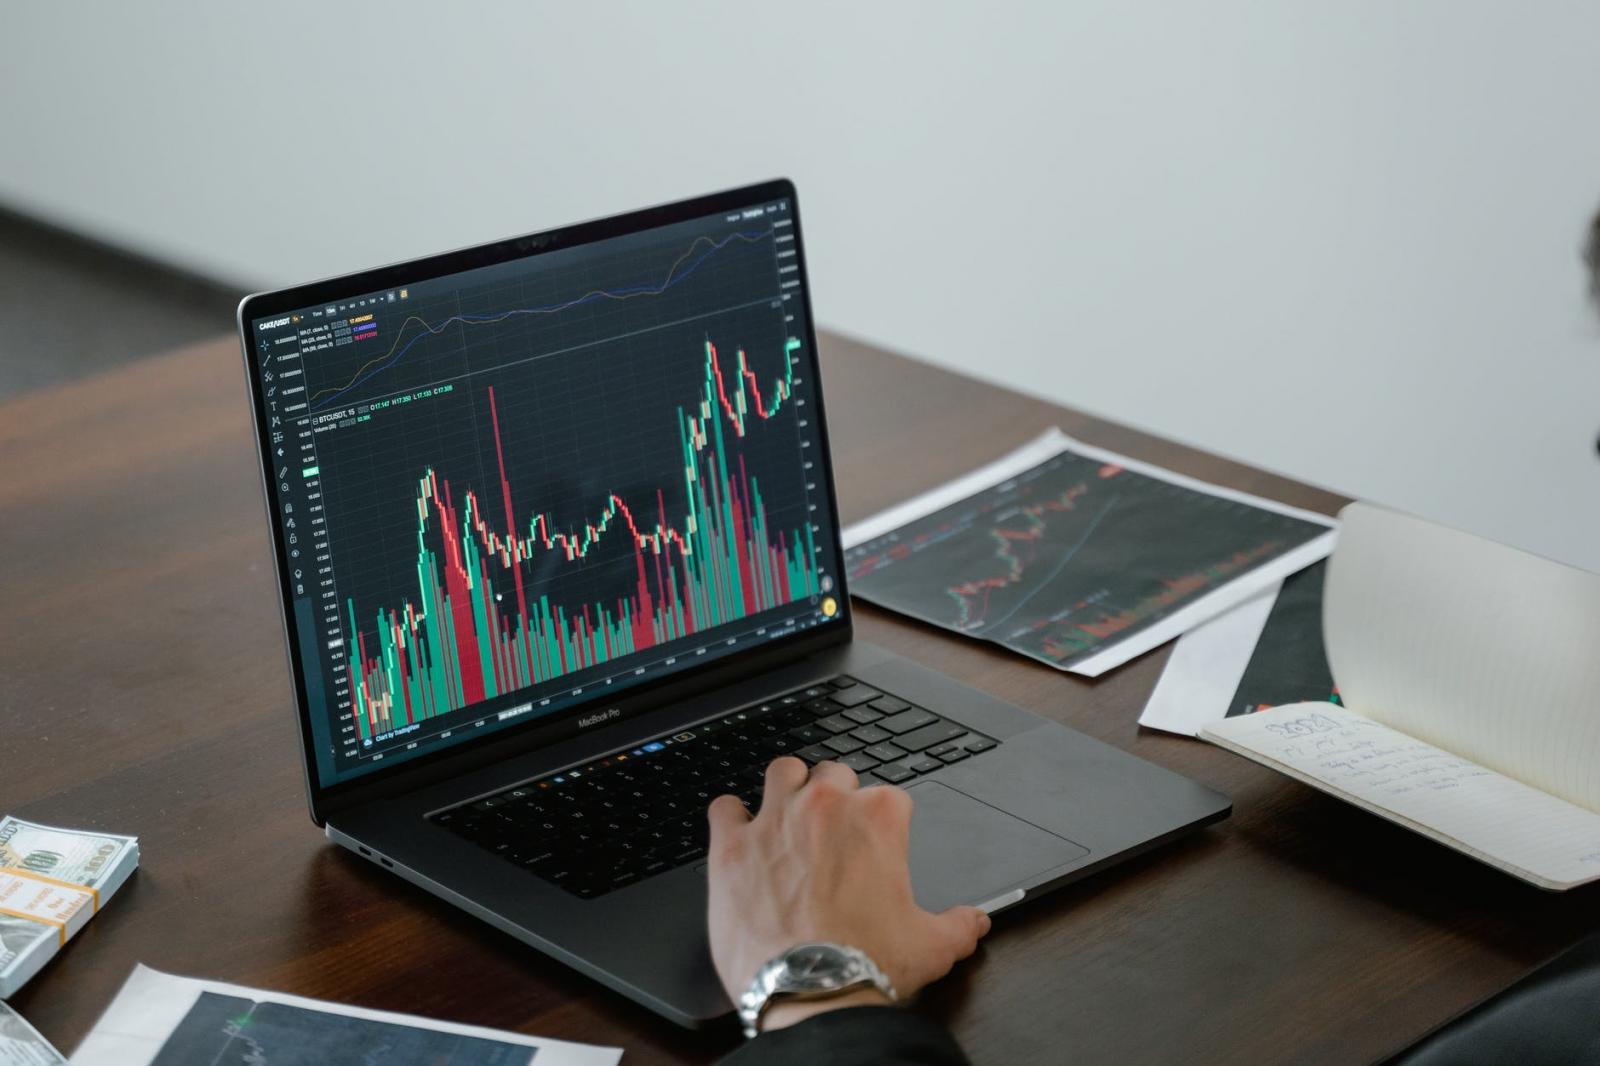 【理財專知】零股交易 ? 整股交易? 教你輕鬆看懂股票交易單位